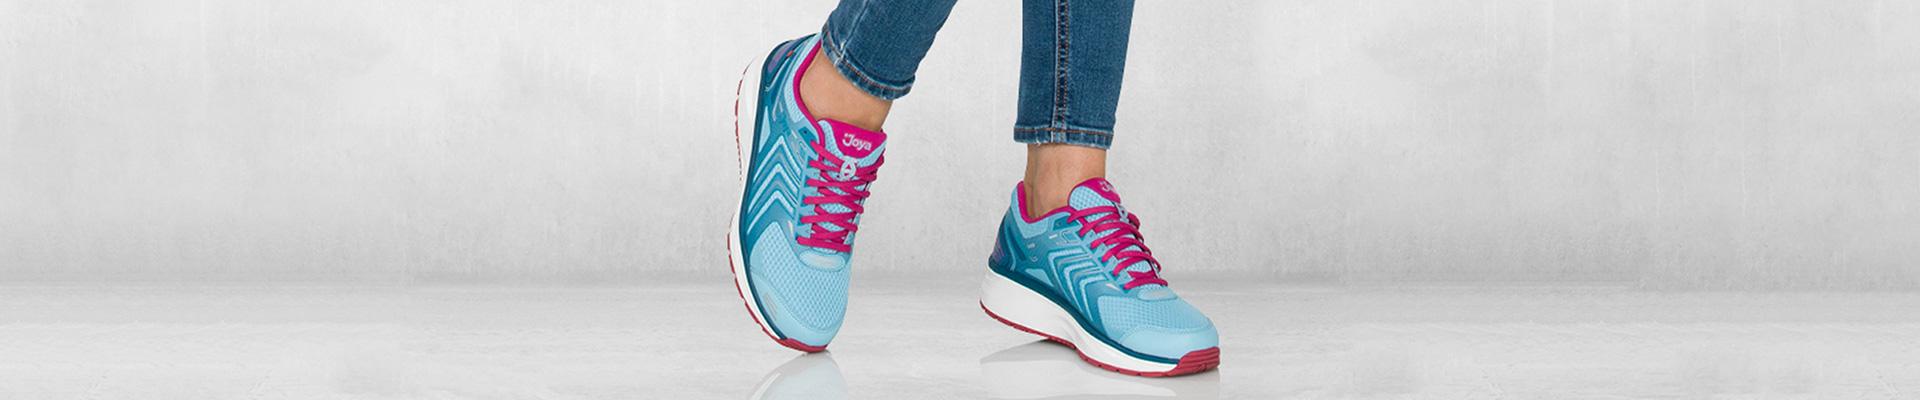 JOYA Ortopediska skor för din ryggs bästa | HELPFORYOU.SE